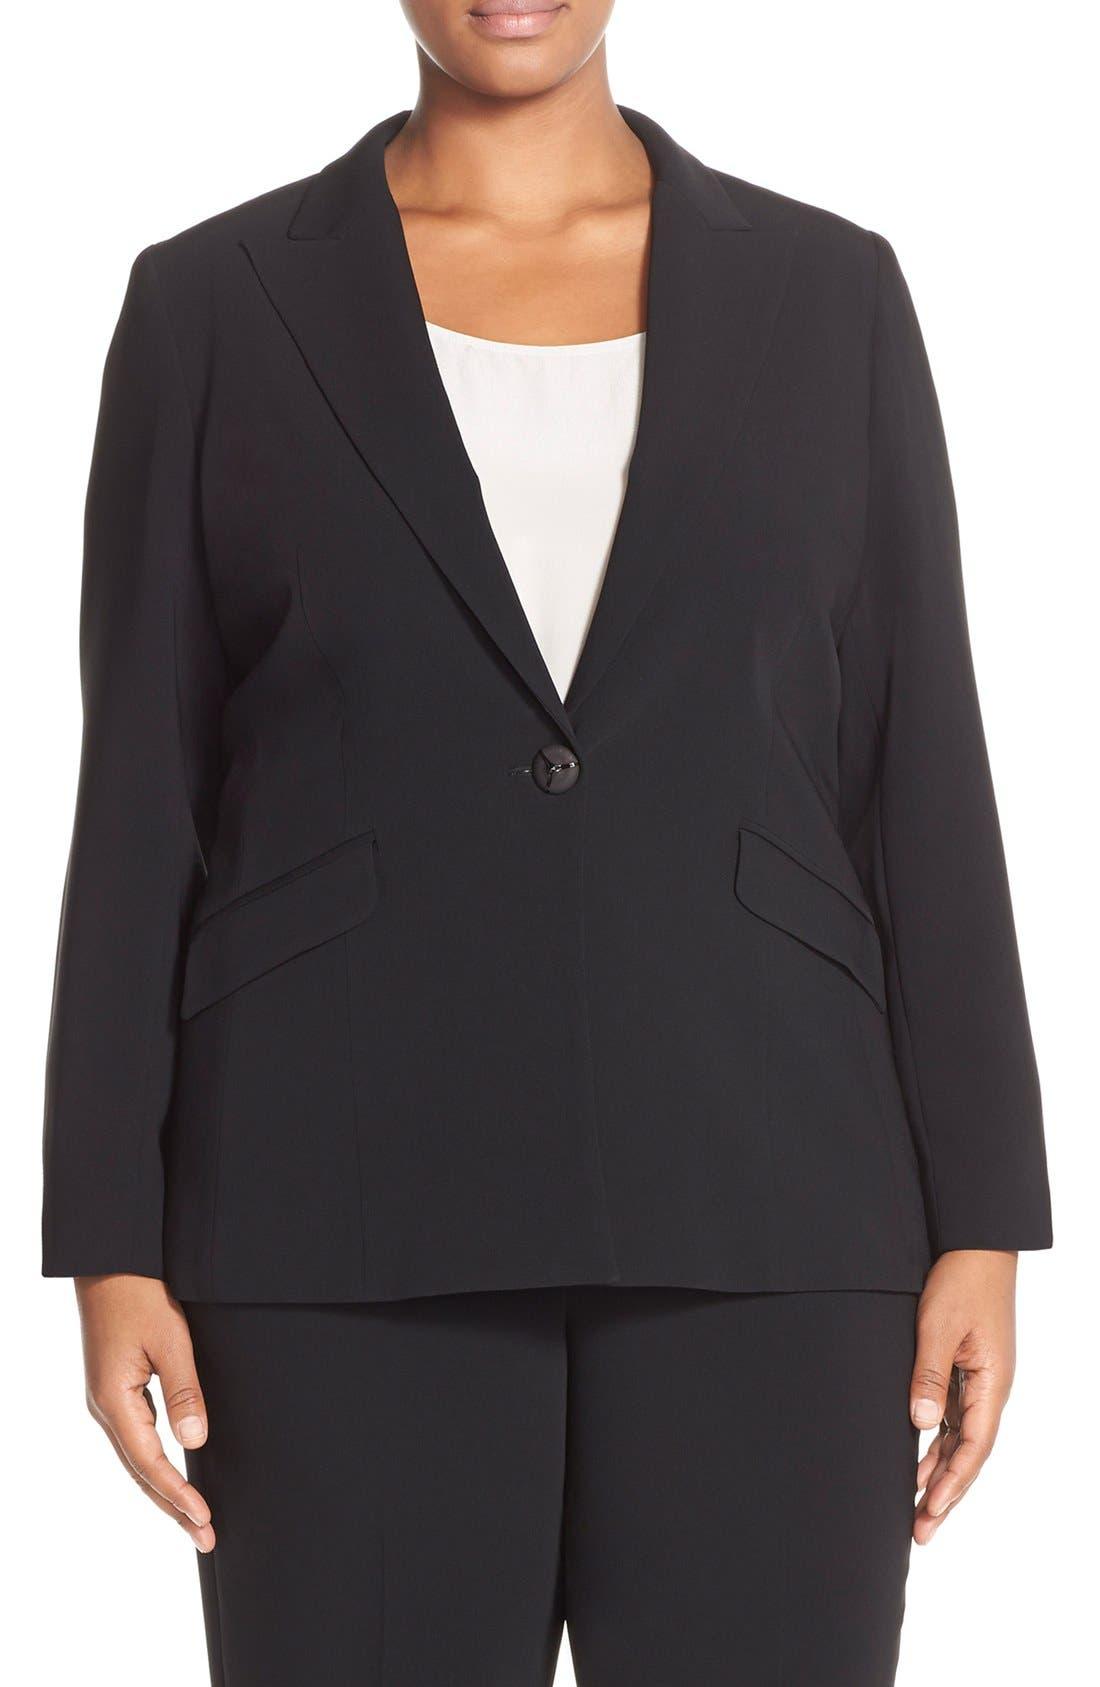 LOUBEN Peak Lapel Suit Jacket, Main, color, BLACK